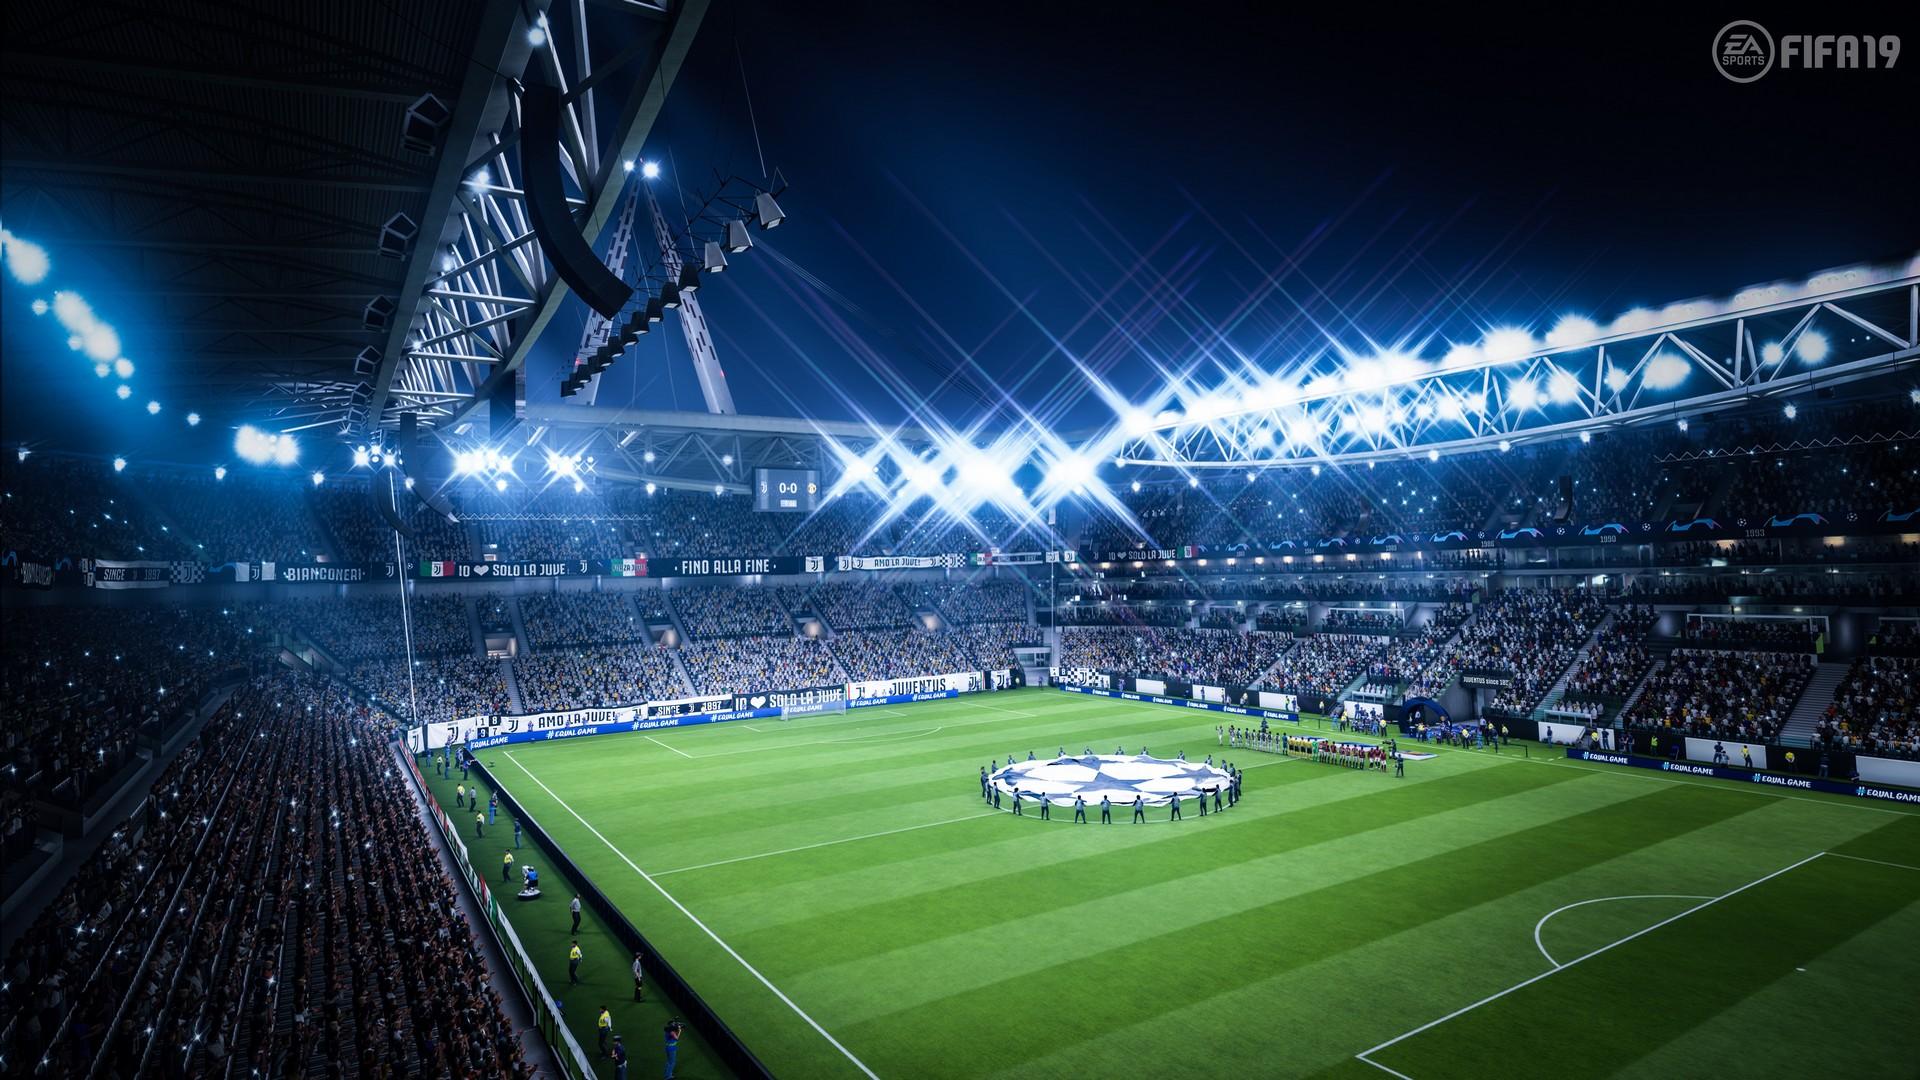 FIFA 19: El top 10 del ranking de FUT llega con una bomba en los ratings de Messi y Cristiano Ronaldo